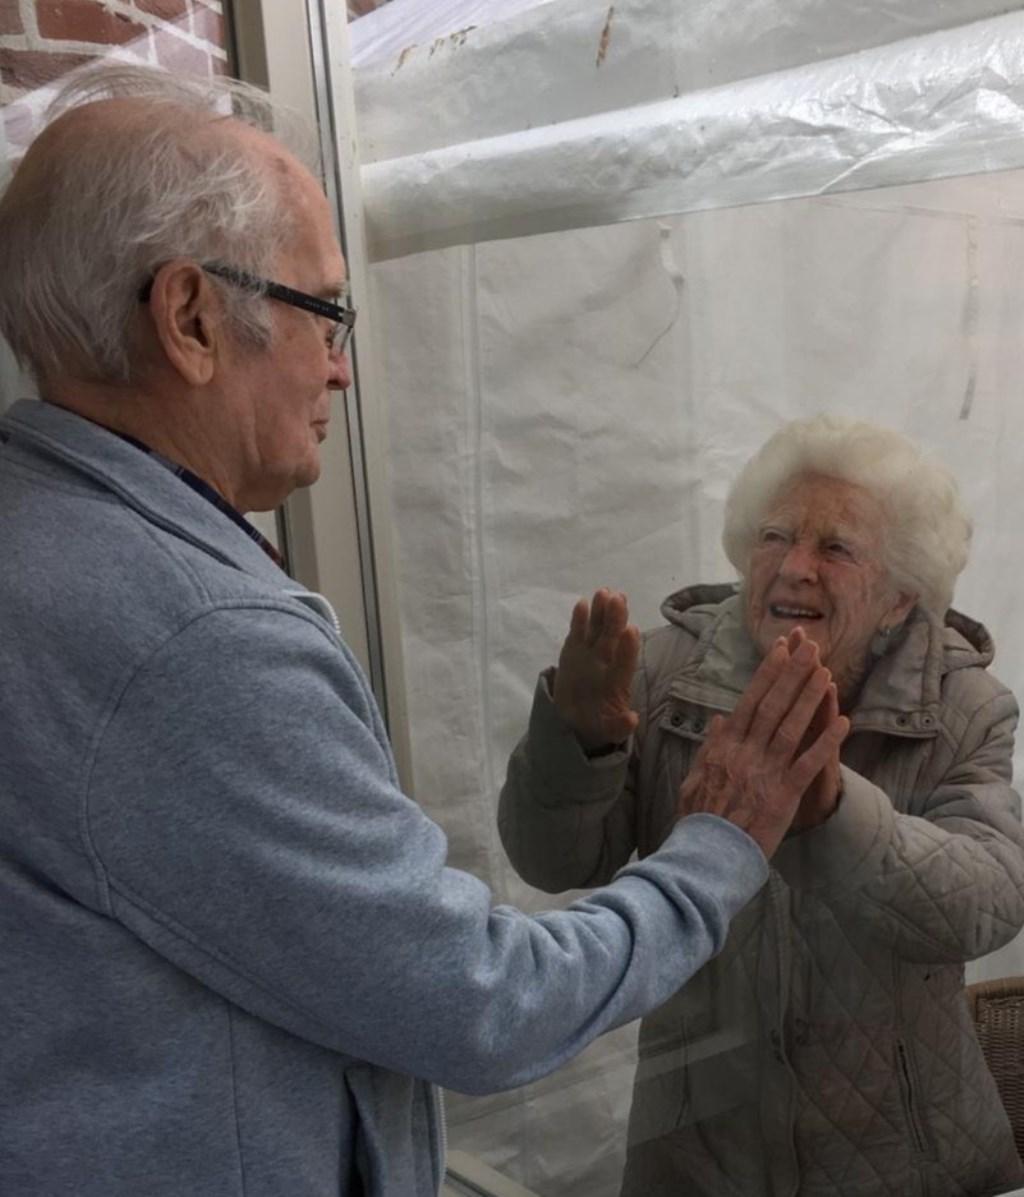 Bij St. Barbara zien meneer en mevrouw Van der Heijden elkaar.  © Kliknieuws Veghel